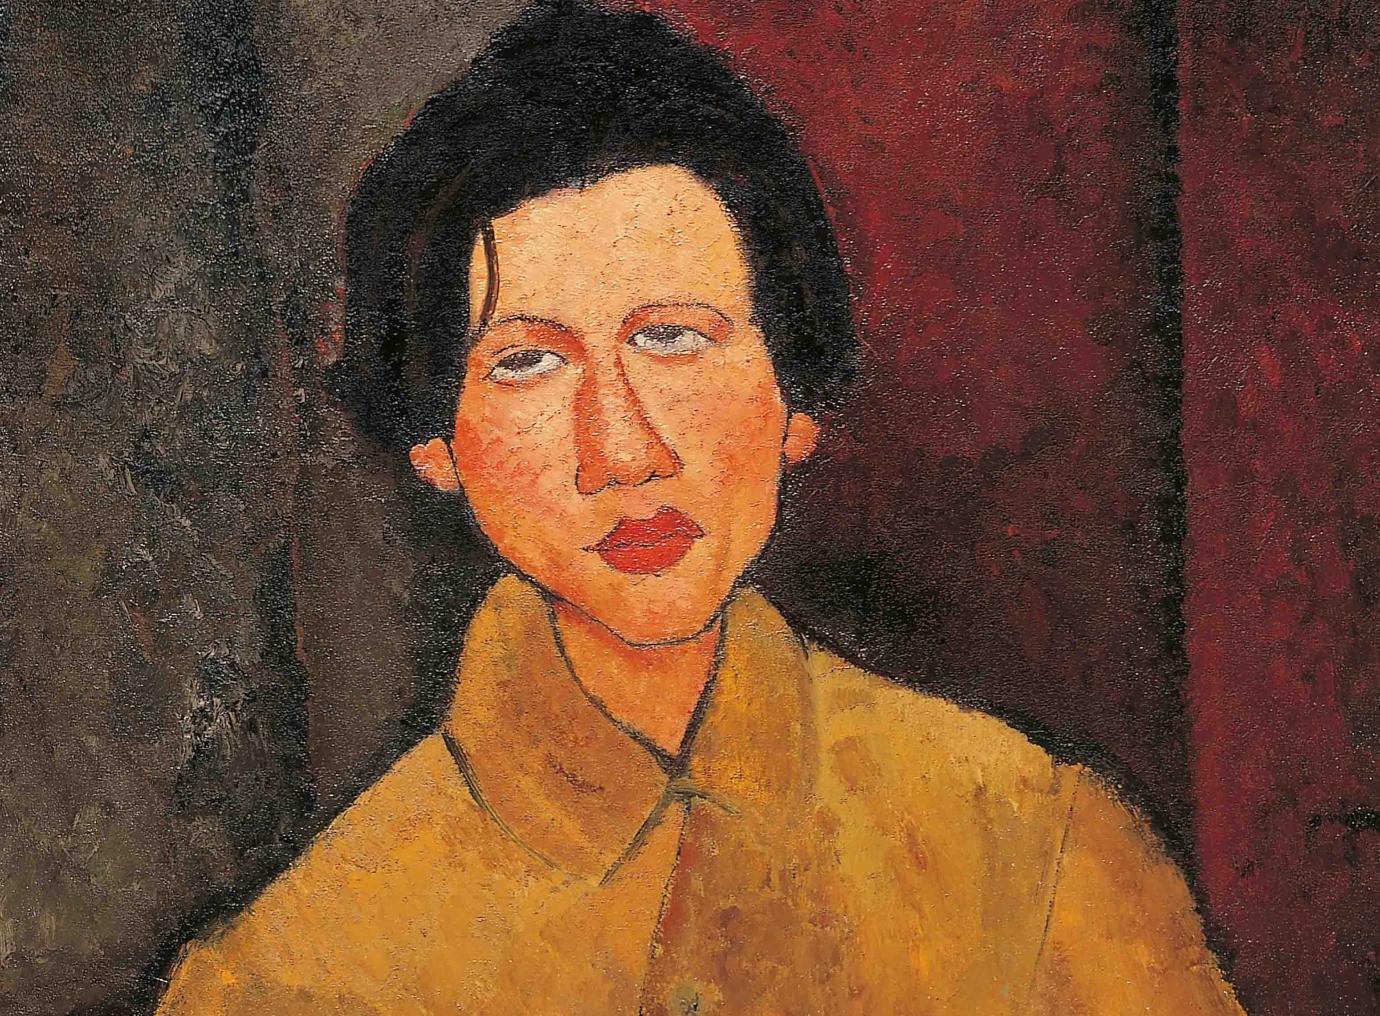 Modigliani, Ritratto di Chaïm Soutine (dettaglio), 1916